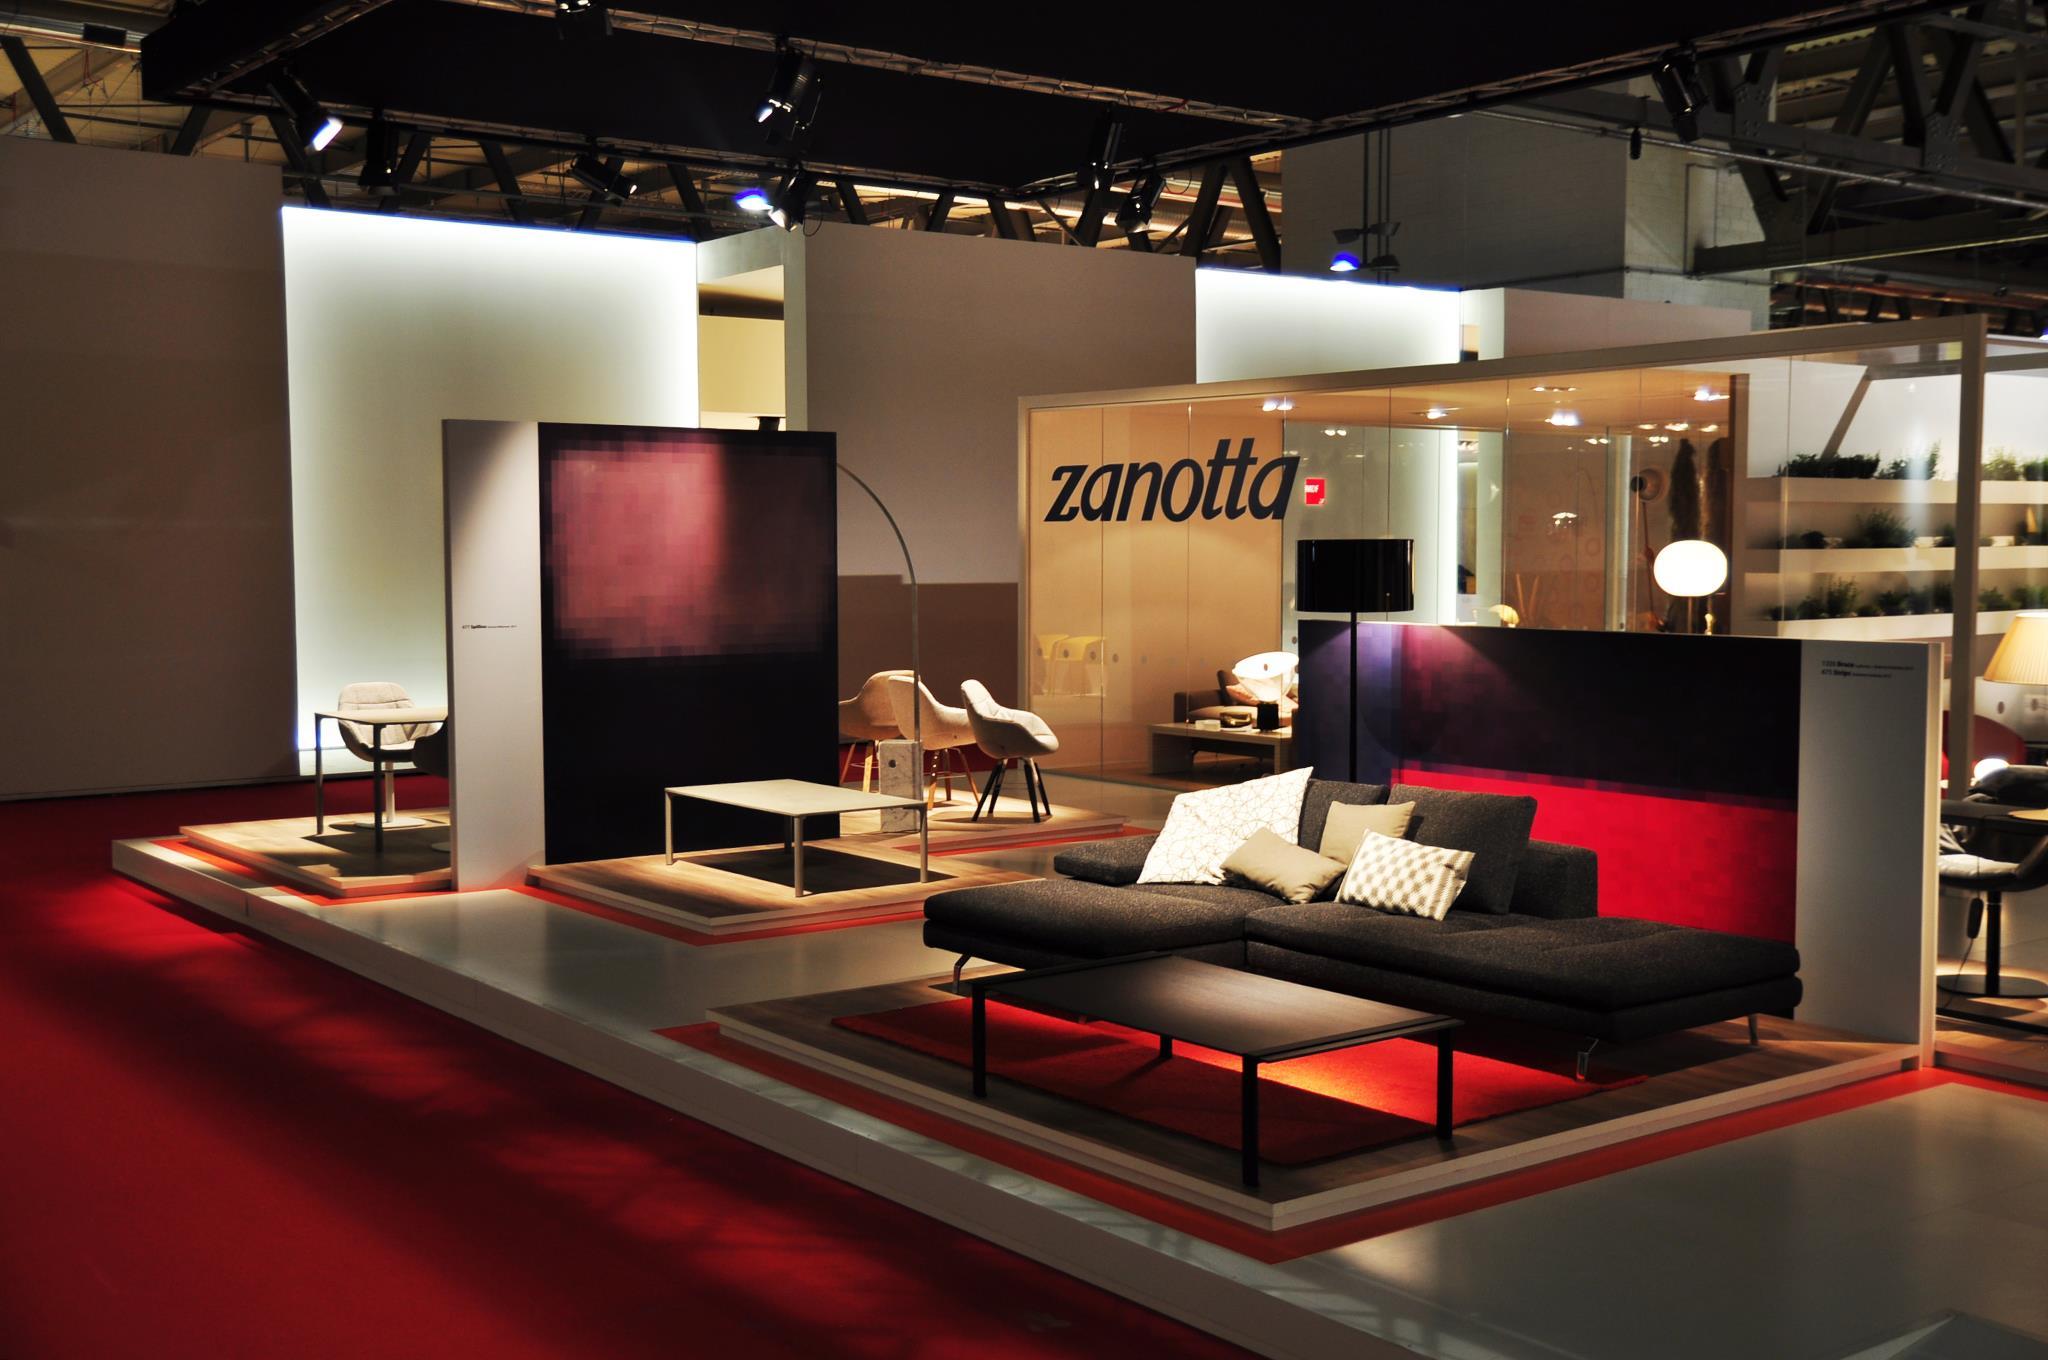 Salone del mobile milano 2013 zanotta2luxury2 com - Fiera del mobile milano ...